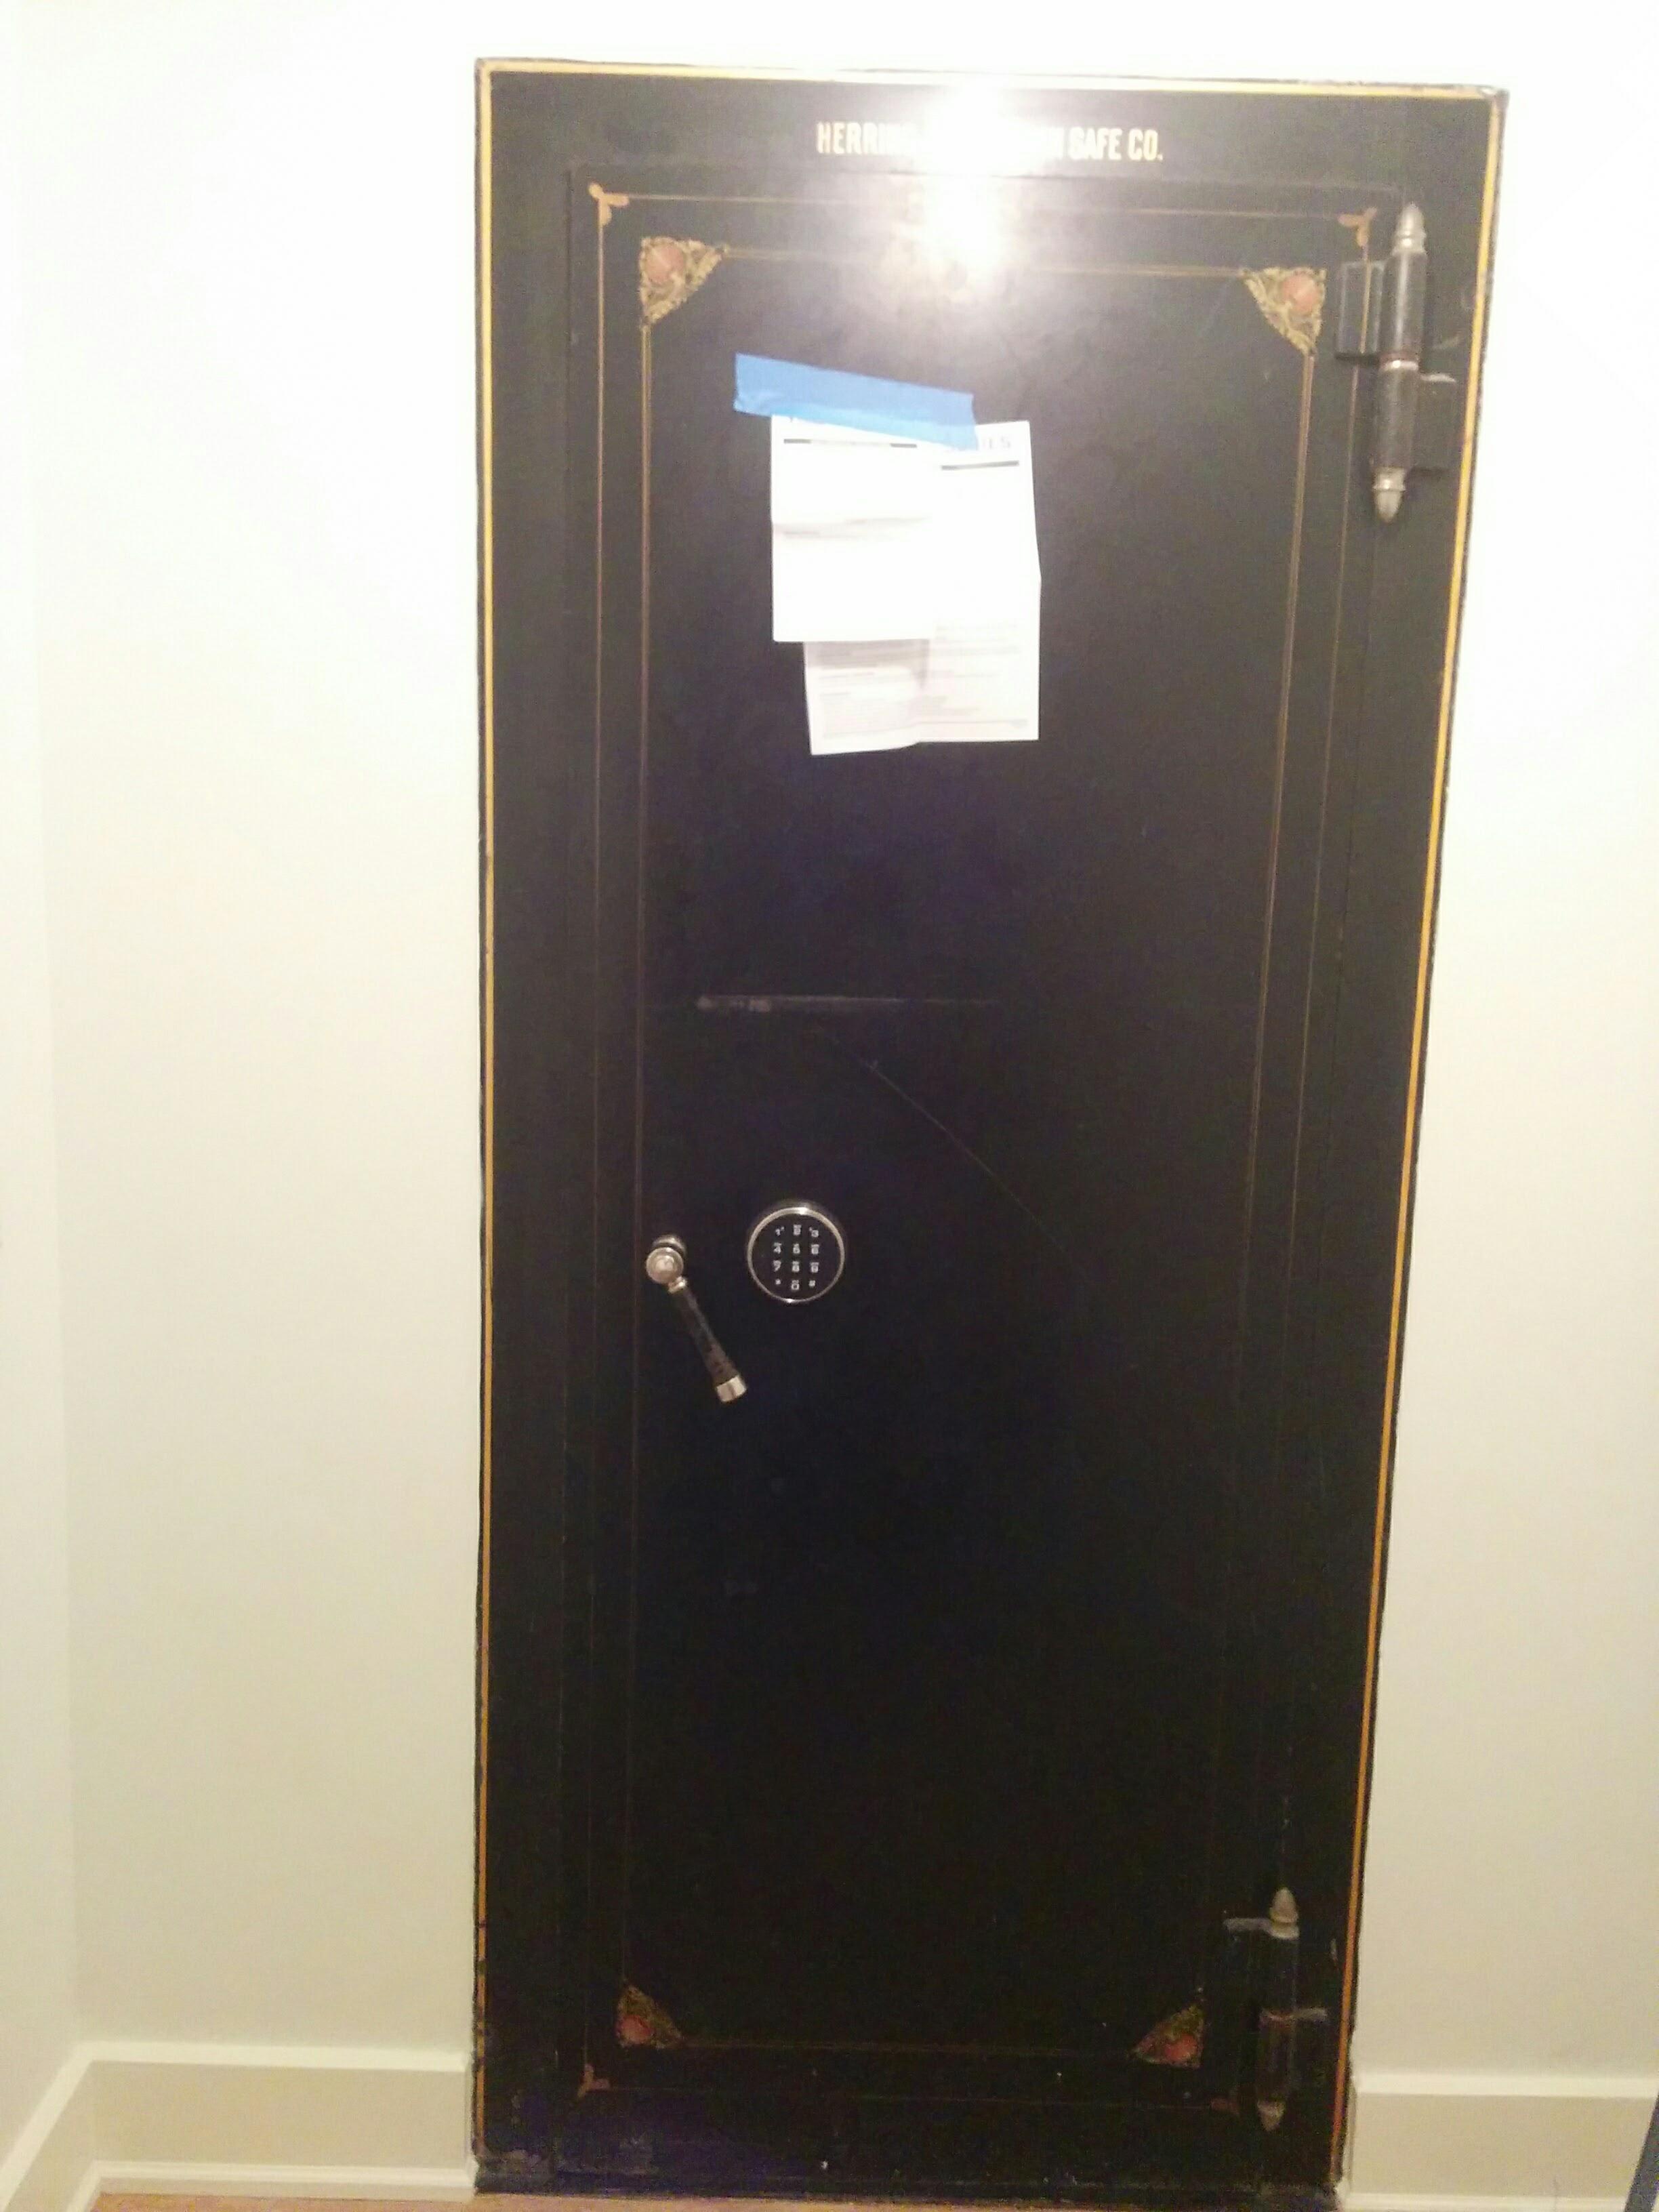 Vault Door Electronic Lock Retrofit And Emergency Release